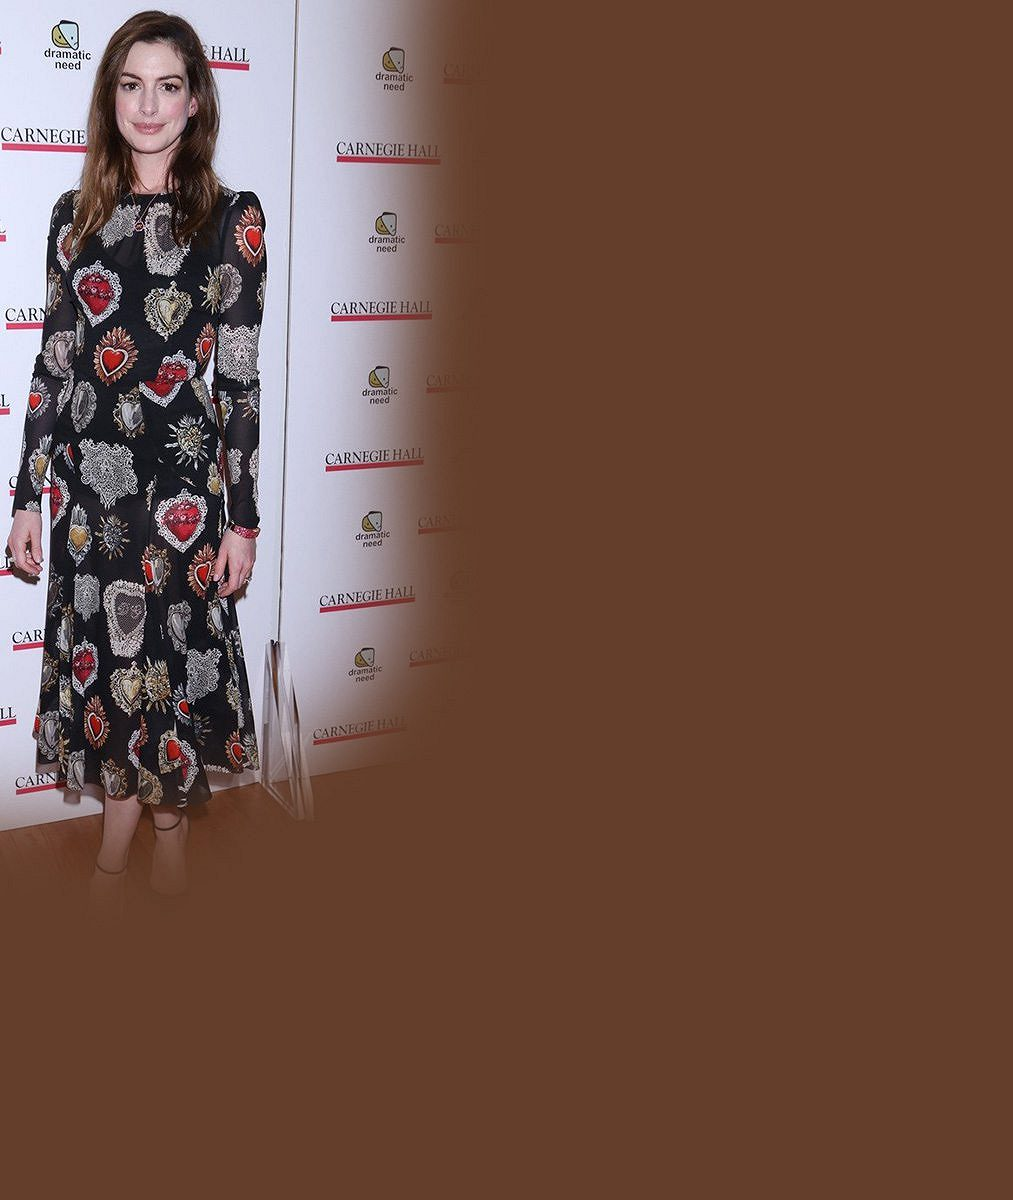 Hateři ať si dají pohov: Krásná oscarová herečka tloustne kvůli roli